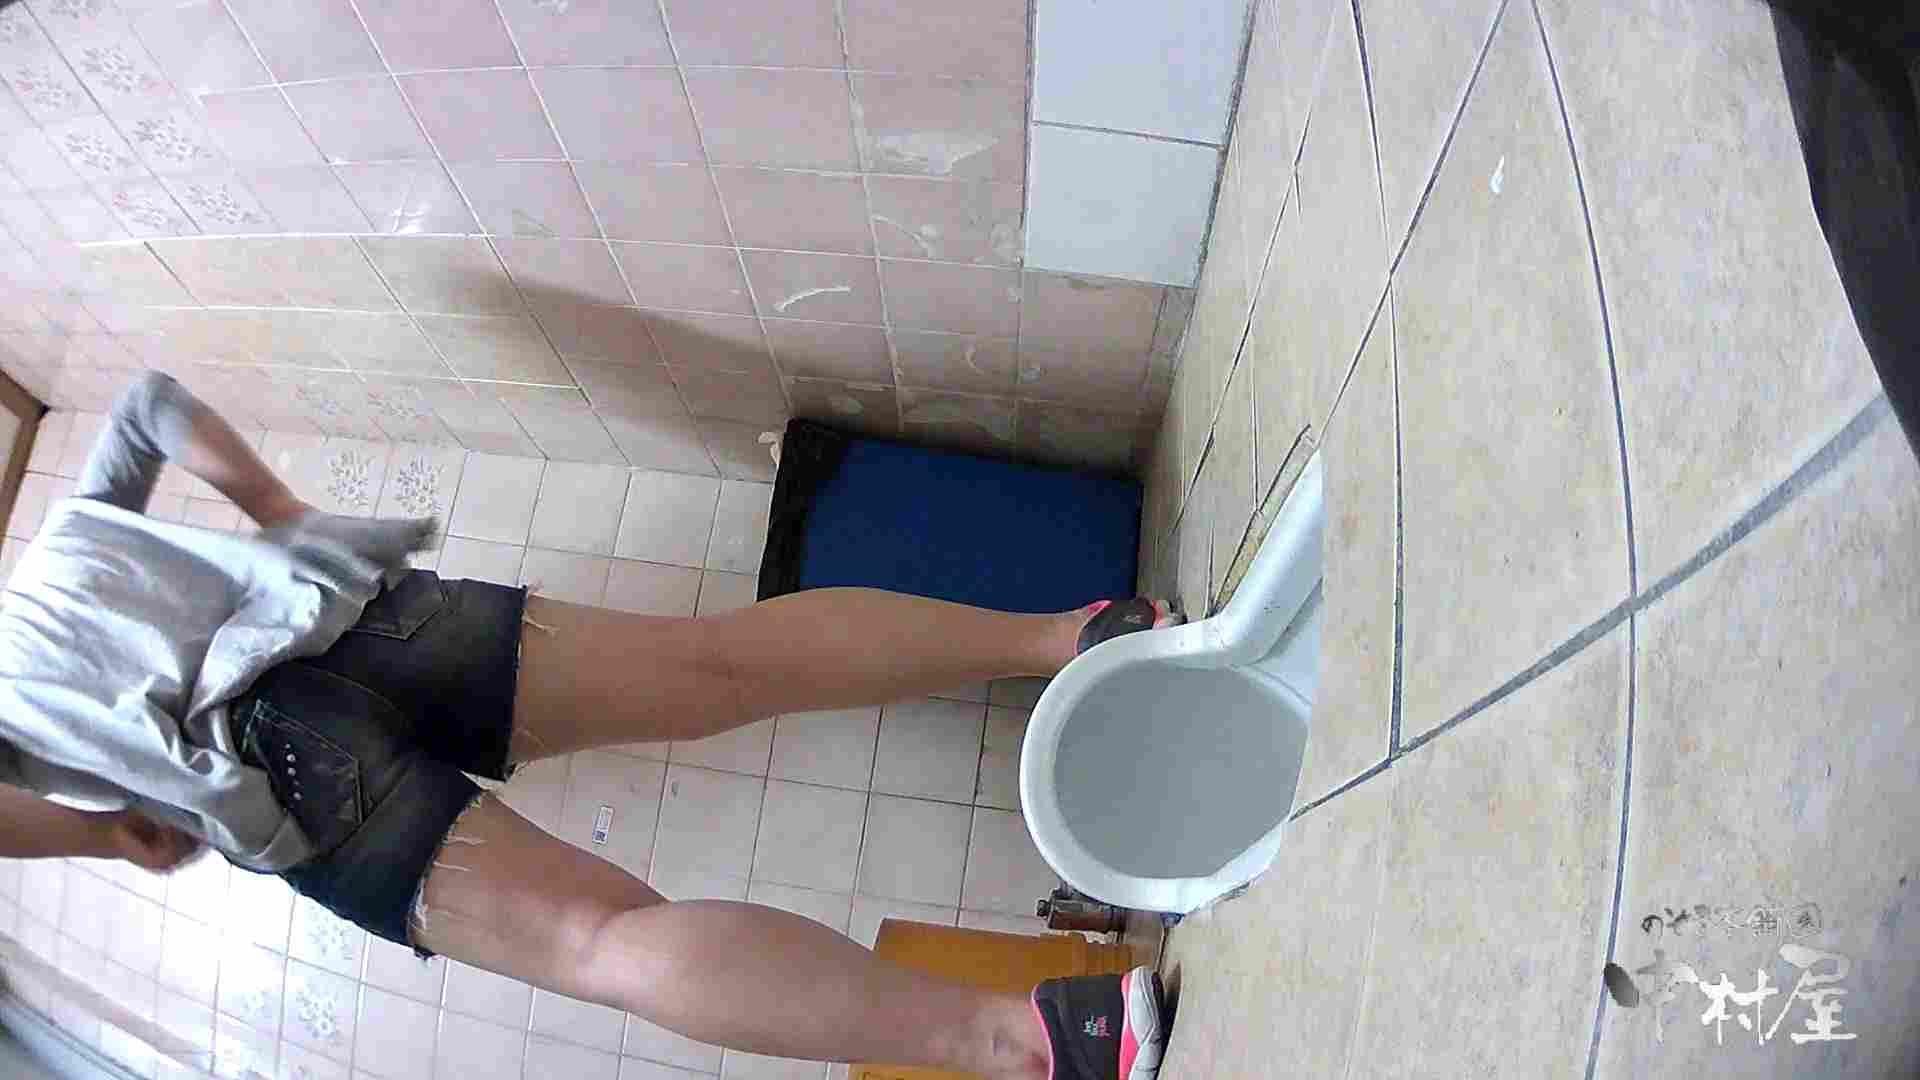 韓流トイレ盗撮vol.08 トイレの中まで 盗撮 10枚 10